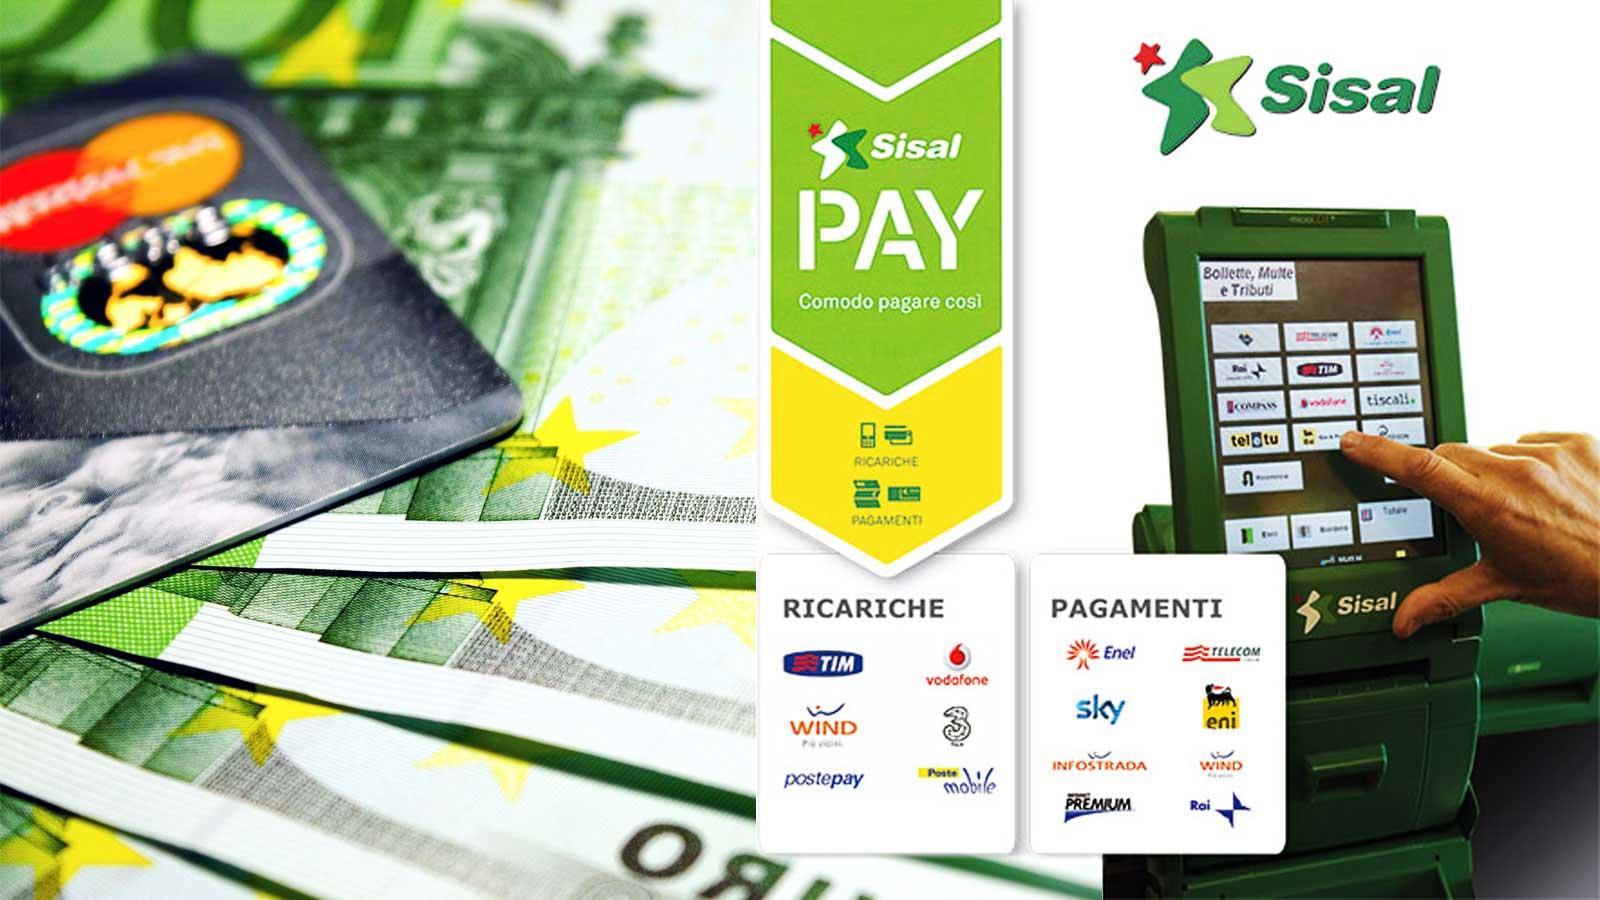 Ricariche e Pagamenti | TOP Rimini - Buffetti | Via ...